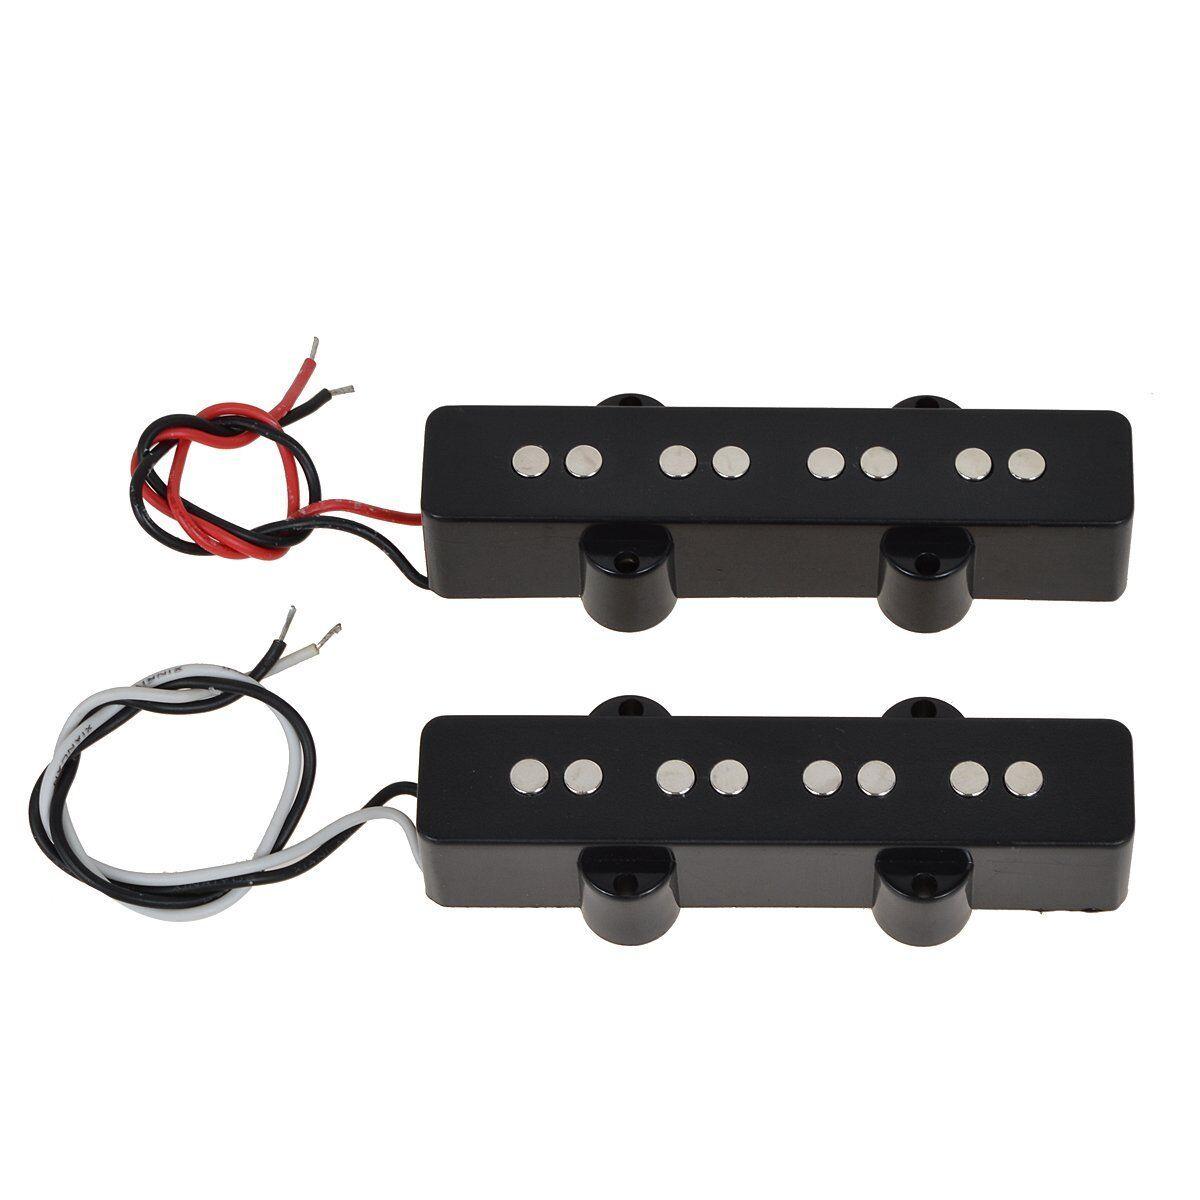 1 Set of 4 String Jazz Bass Guitar Black Bridge Pickup